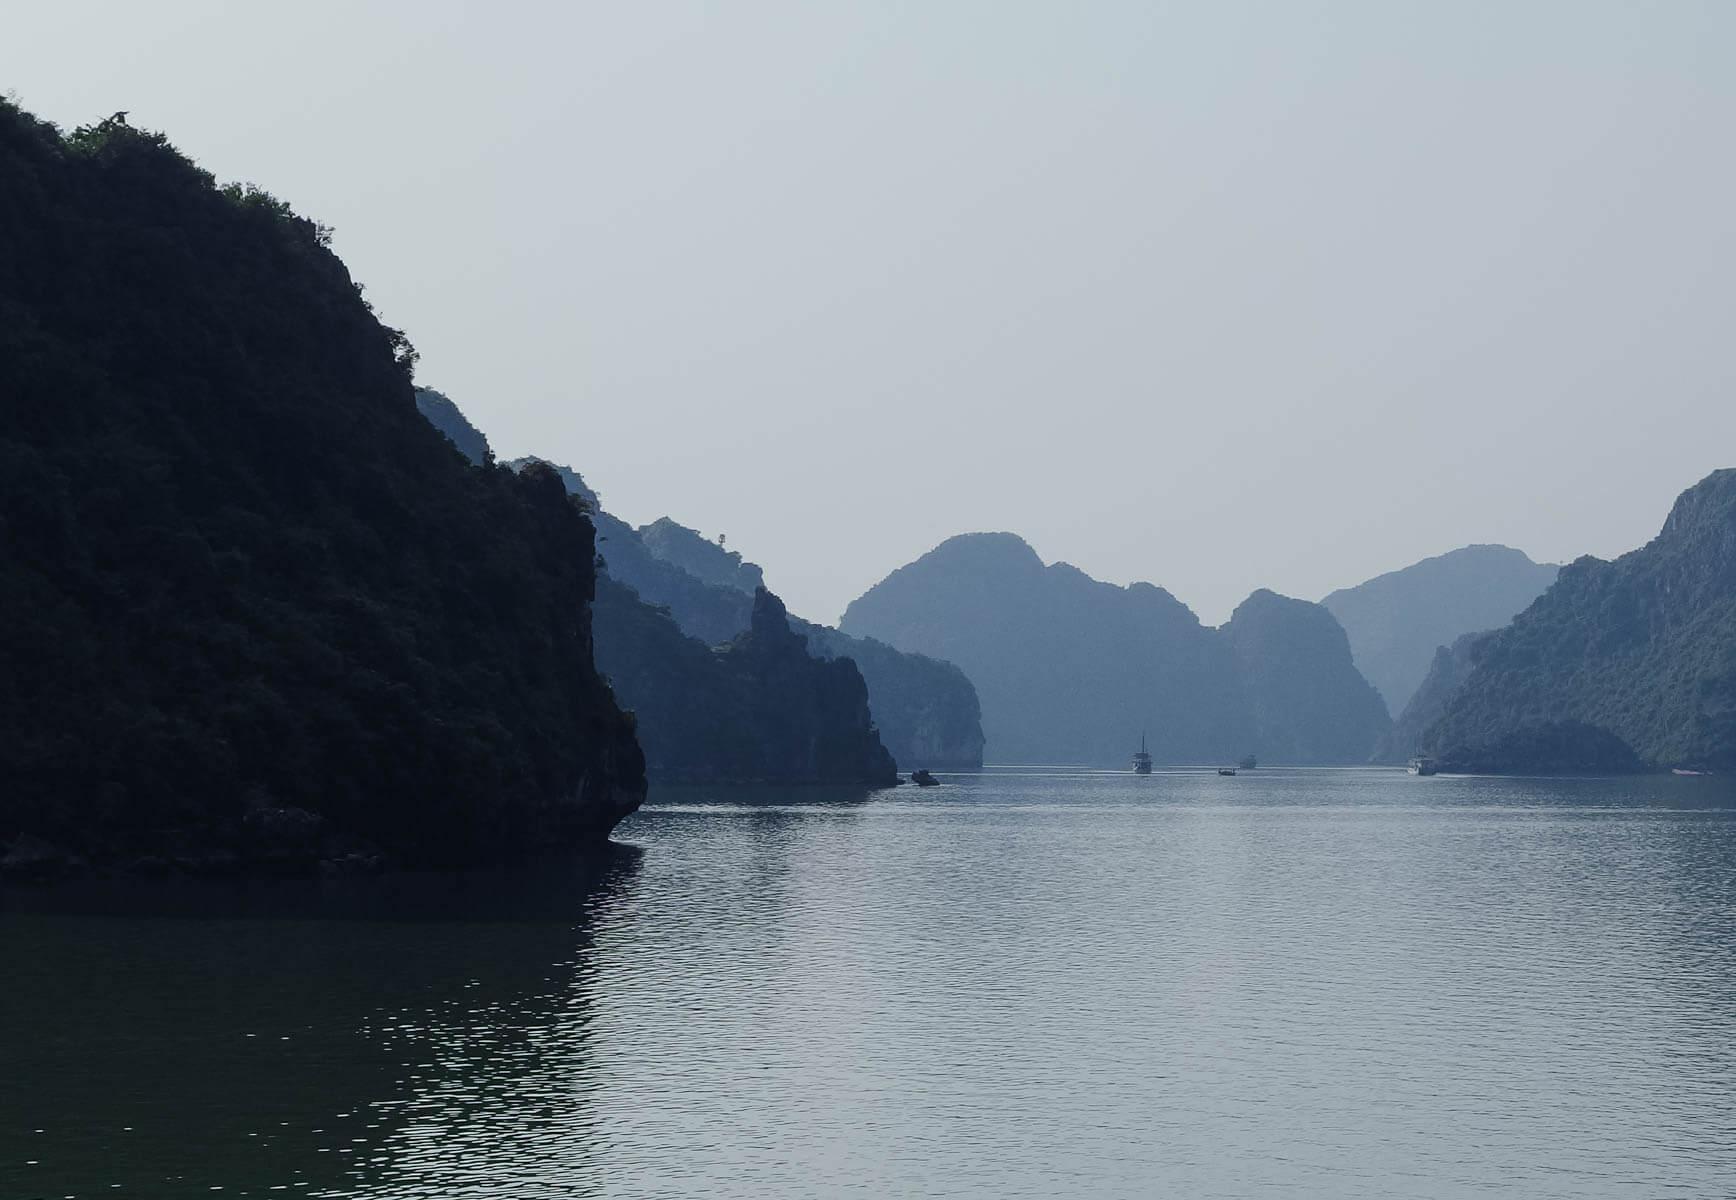 Majestätische Feslen ragen aus dem Wasser der Halong-Bucht im Norden Vietnams